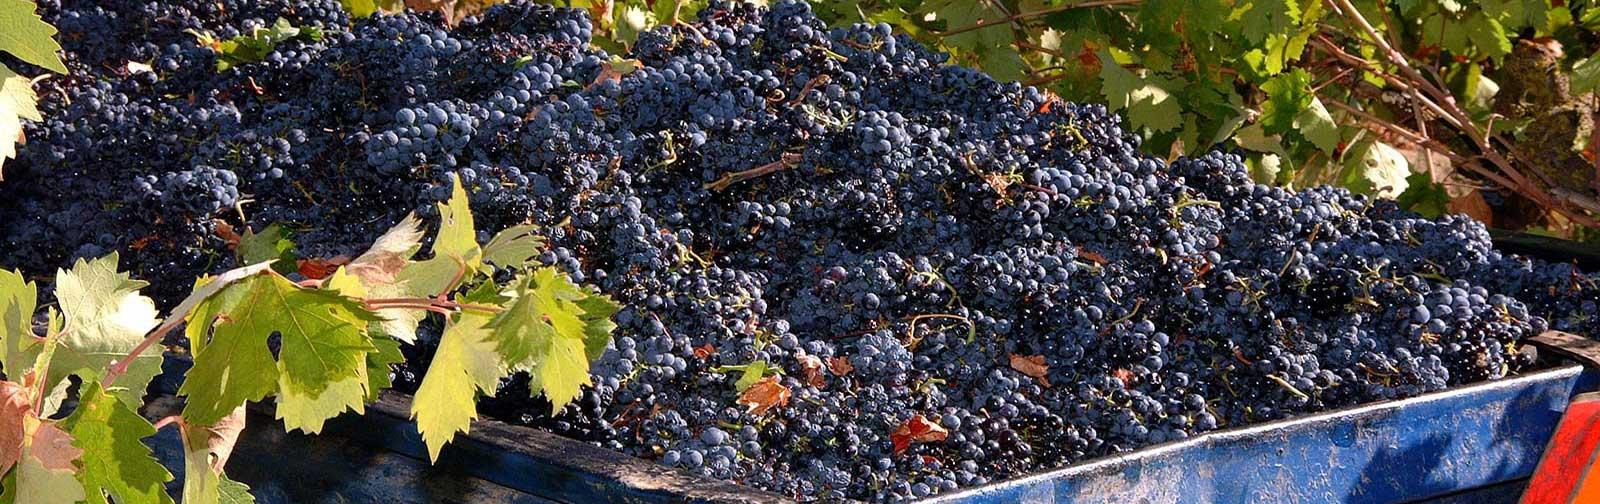 DSCF1793(grapes1202x379)